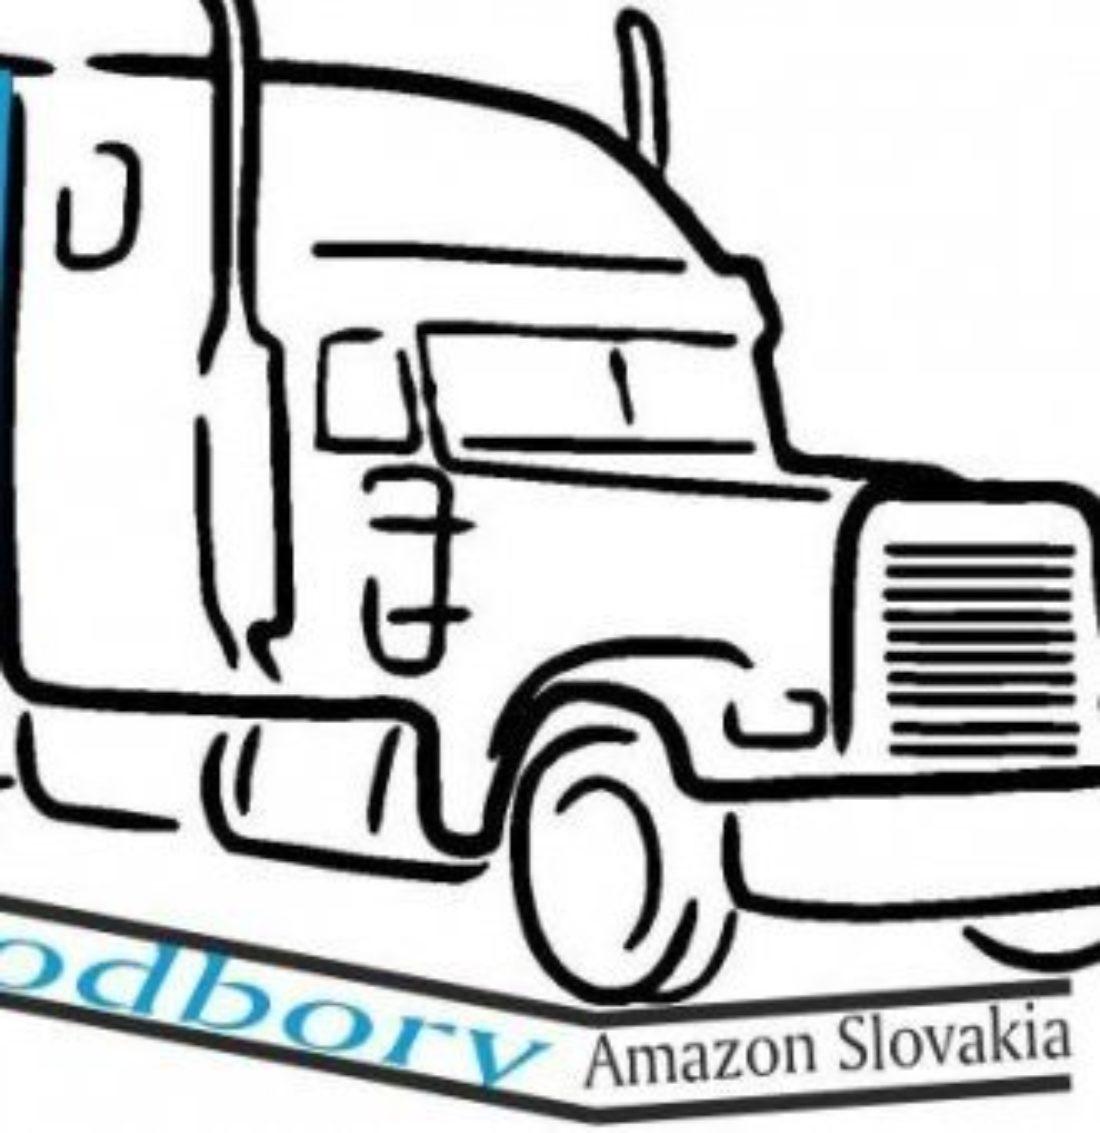 ESLOVAQUIA | Testimonio de Moderné Odbory Amazon ante la pandemia de coronavirus